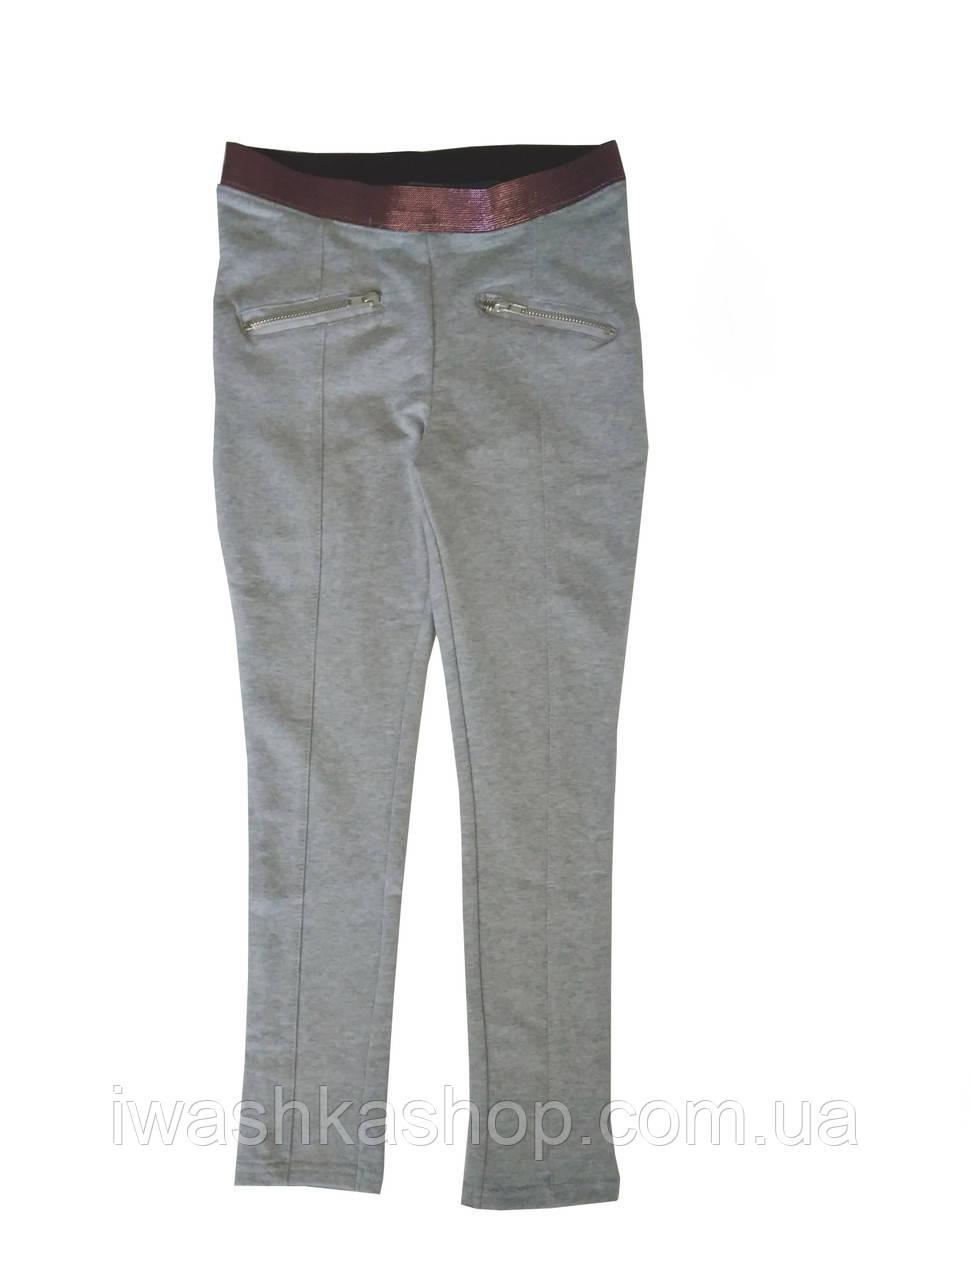 Стильные облегающие брюки на девочку 3 - 4 лет, размер 104, Kiki&Koko